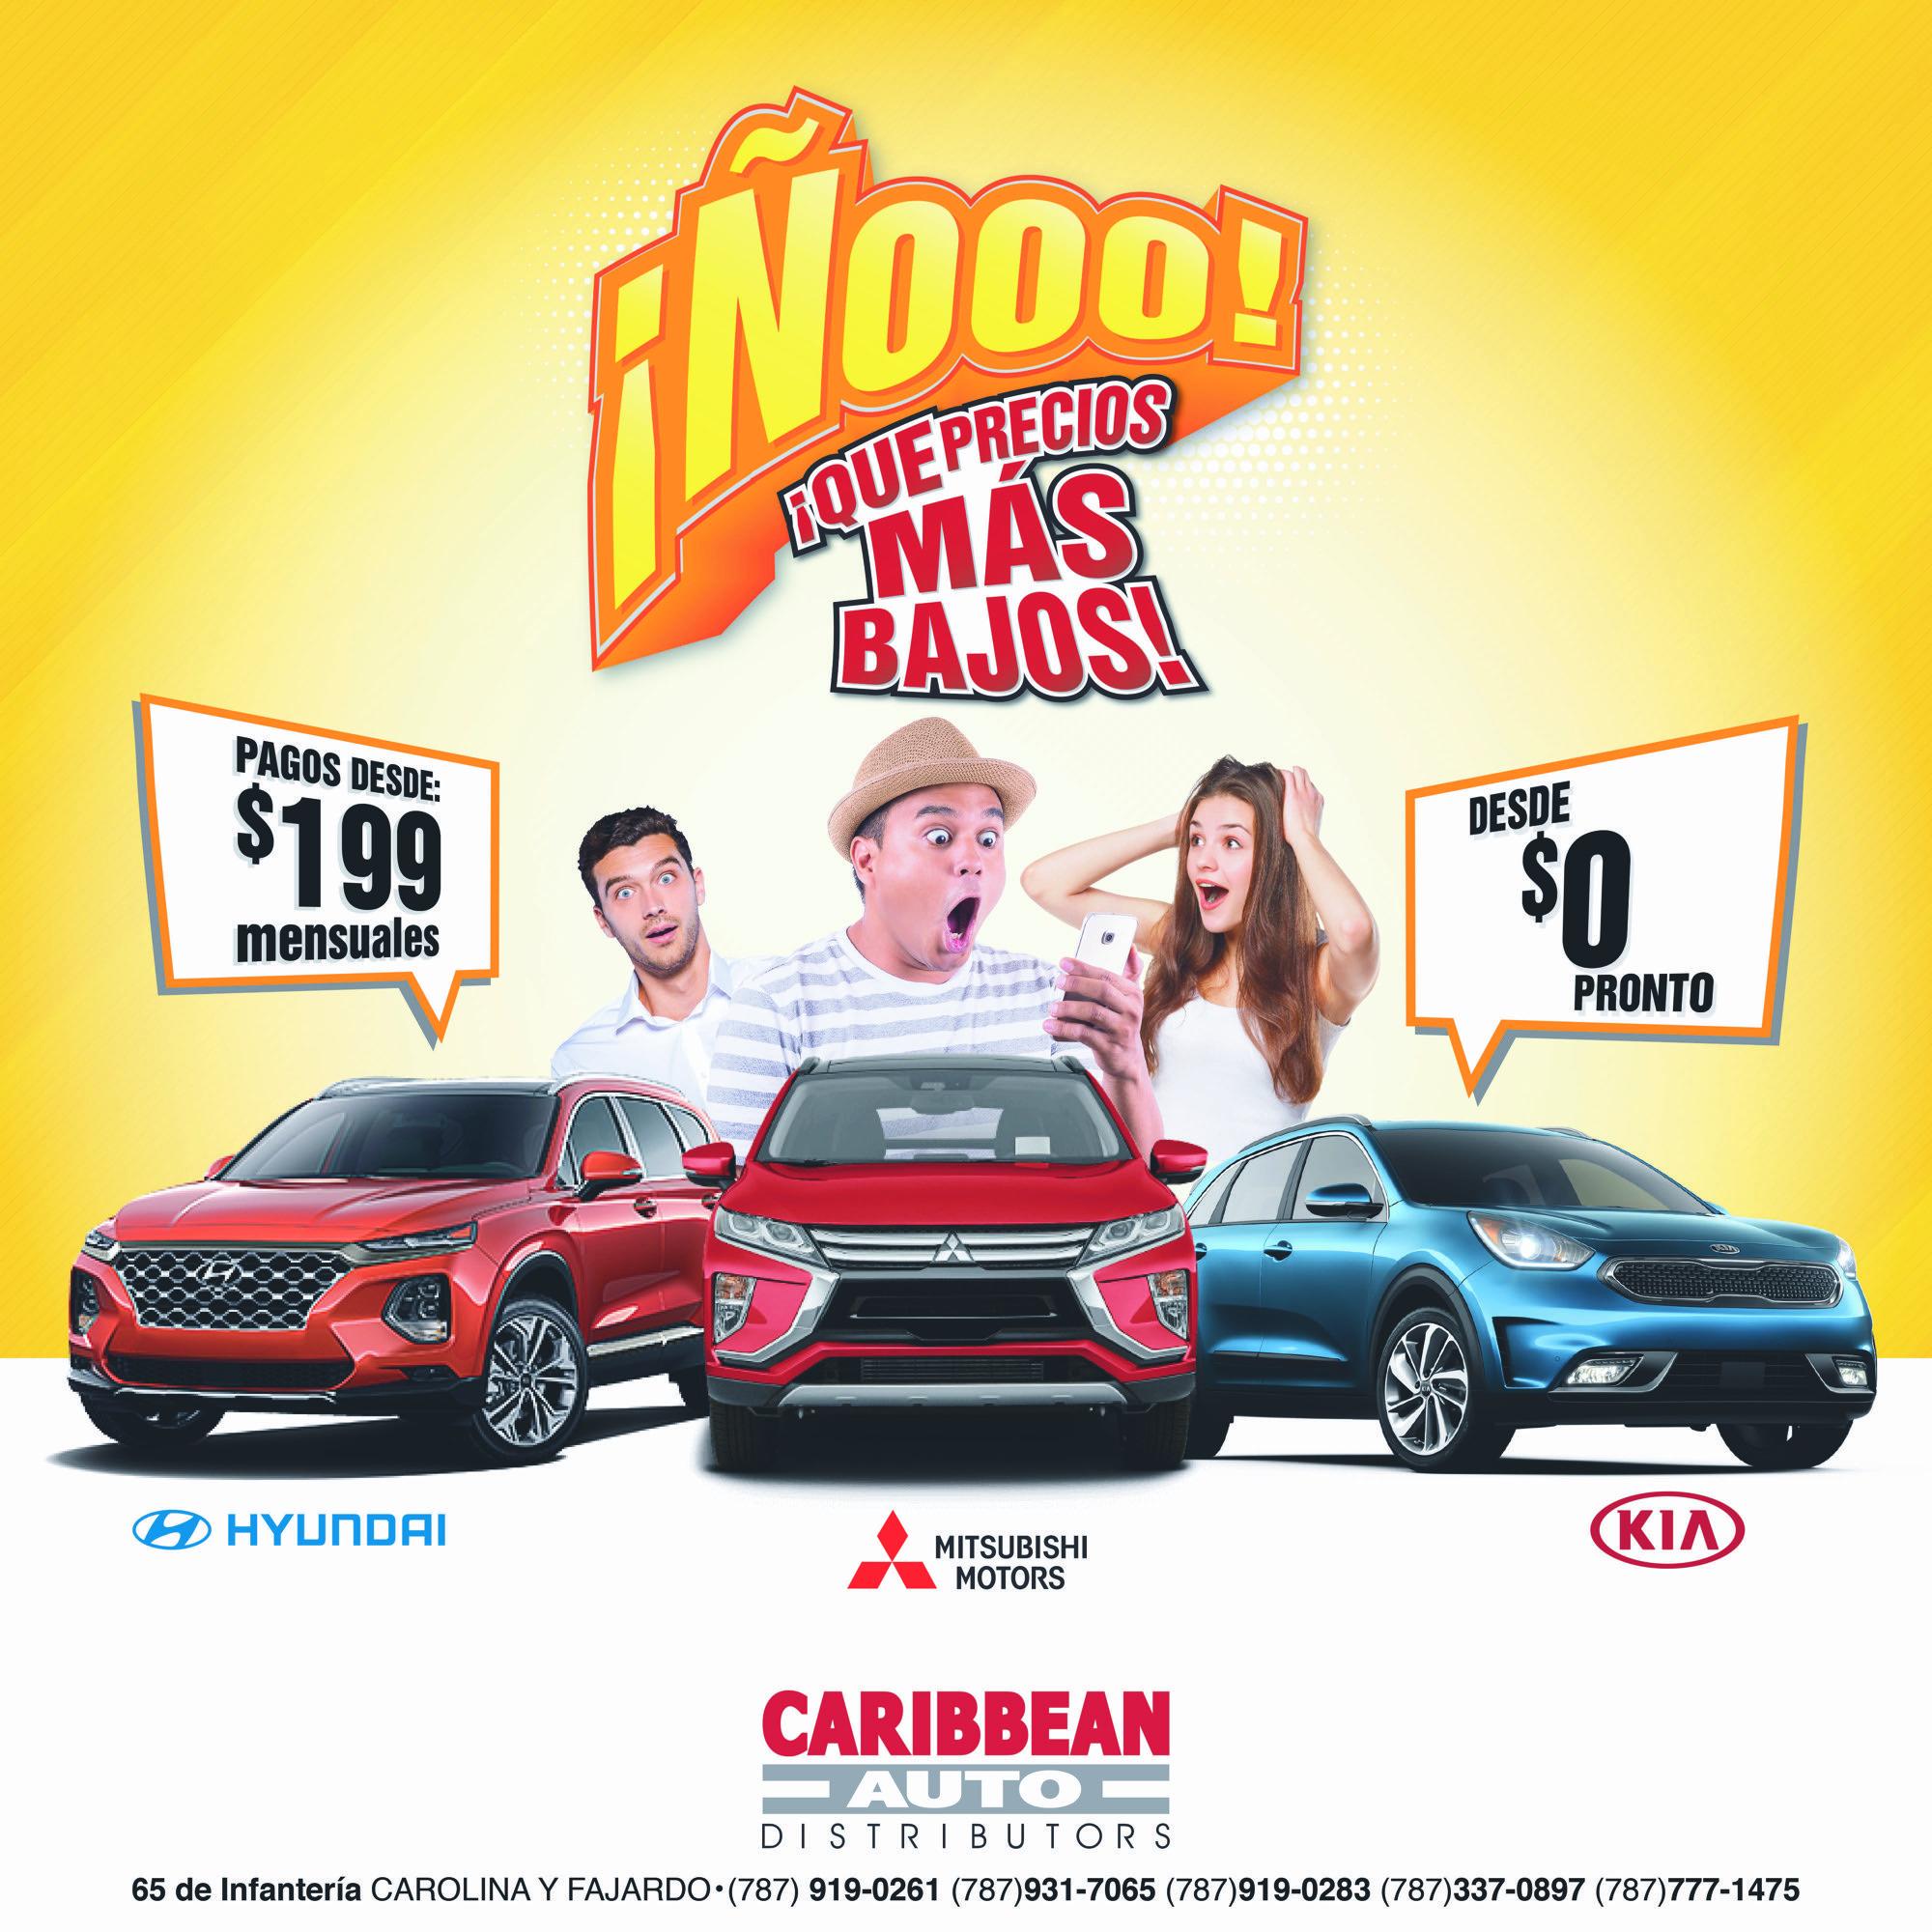 Caribbean Auto precios bajos en Puerto Rico